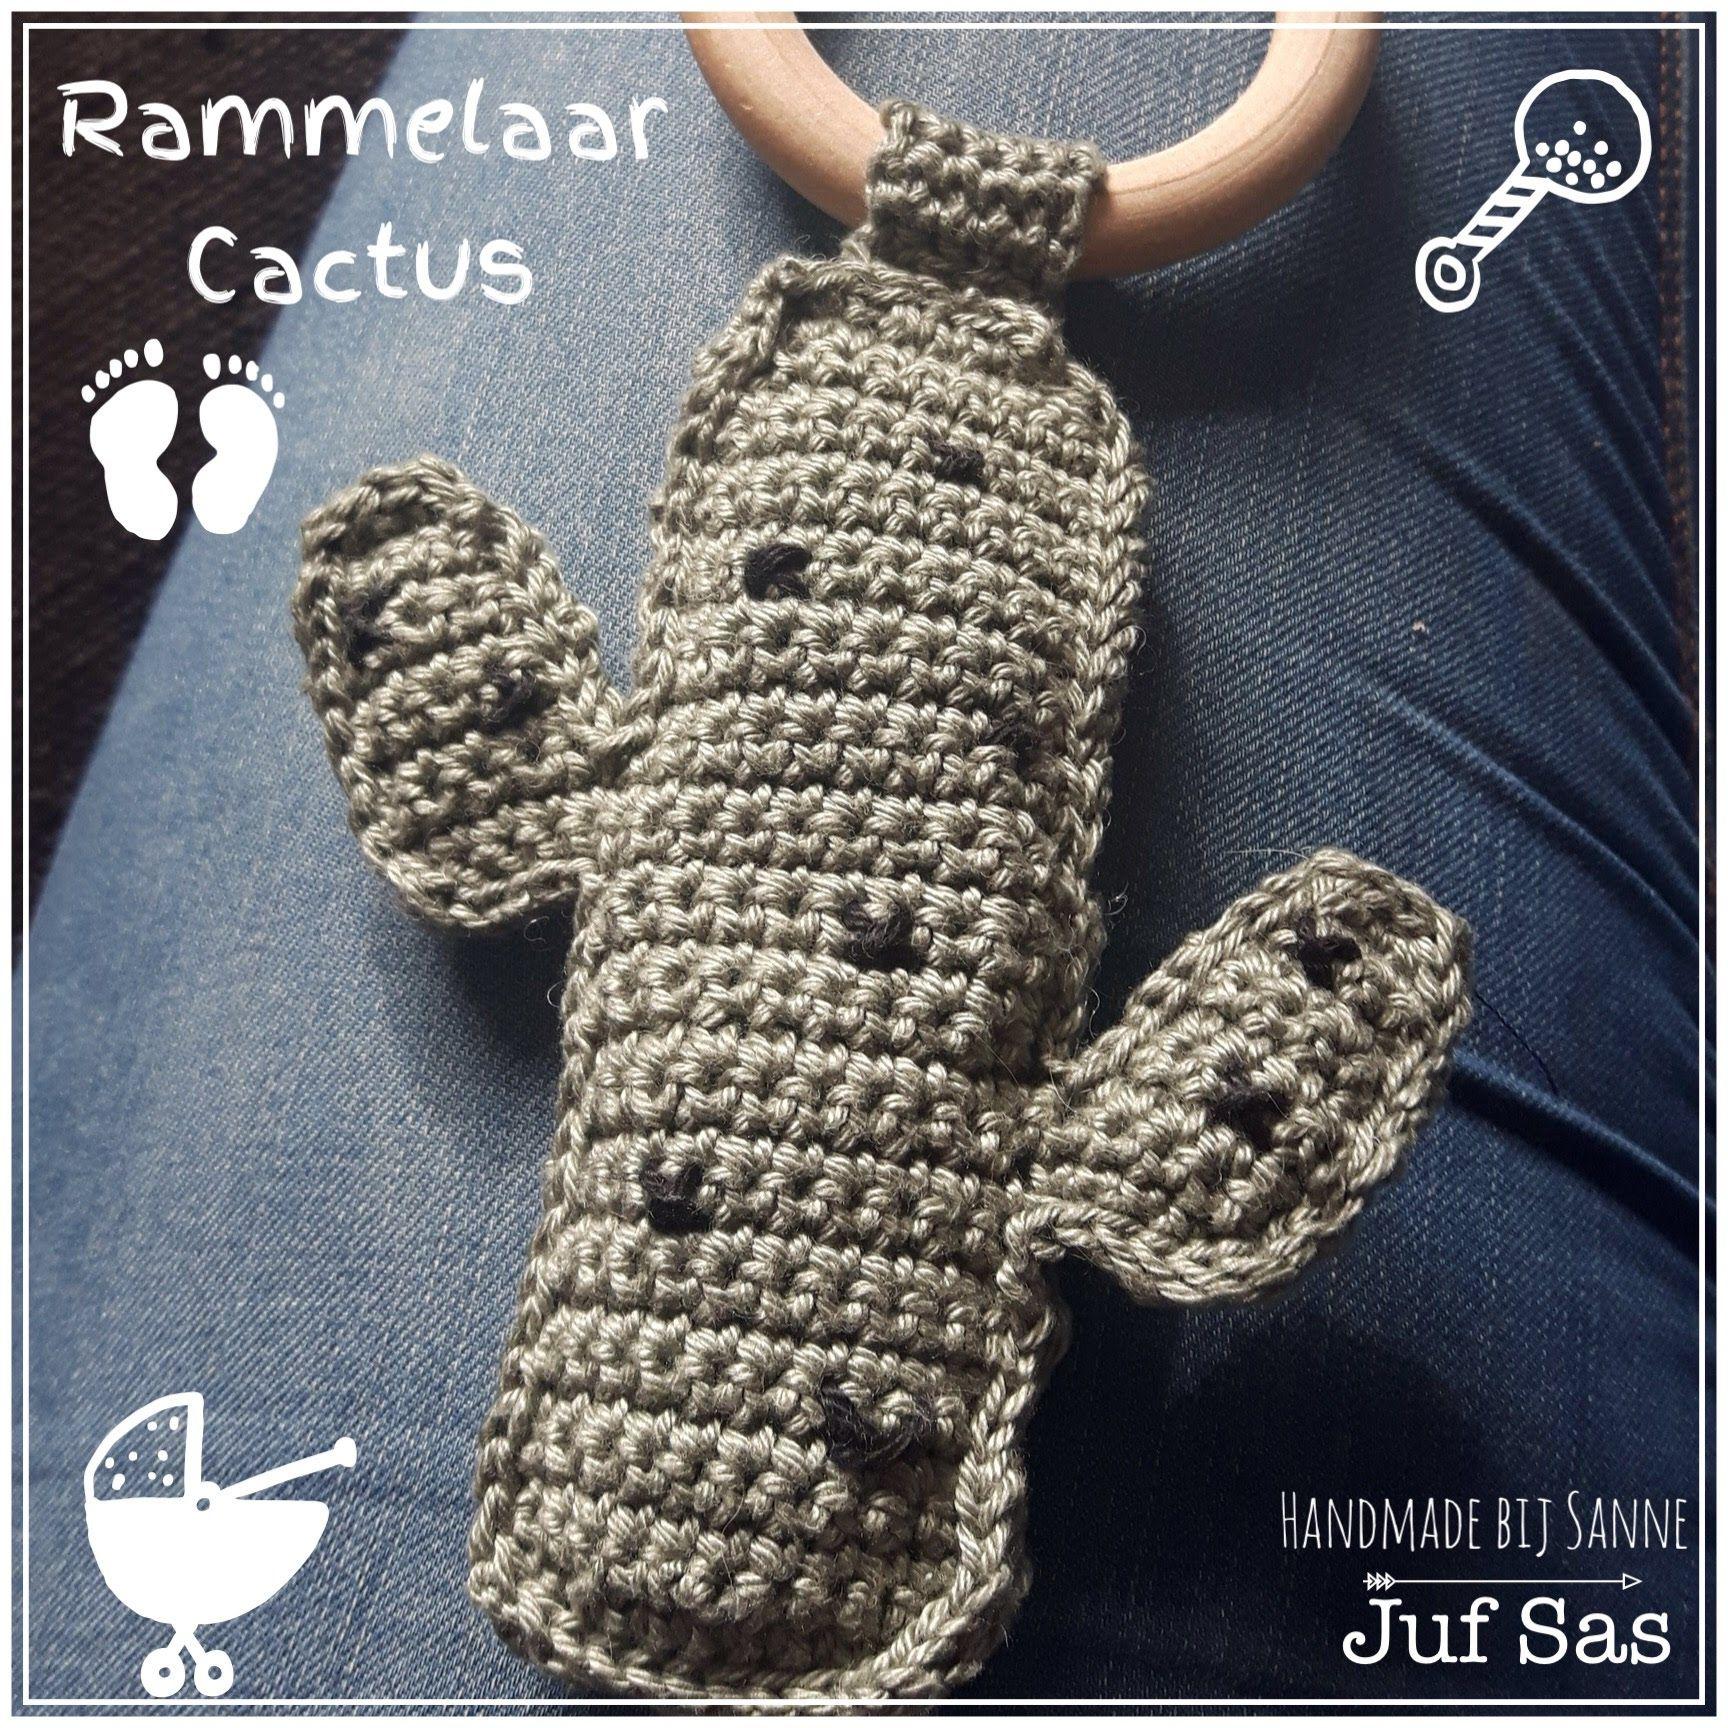 Gehaakte rammelaar Cactus handmade by Sanne met gratis patroon van ...